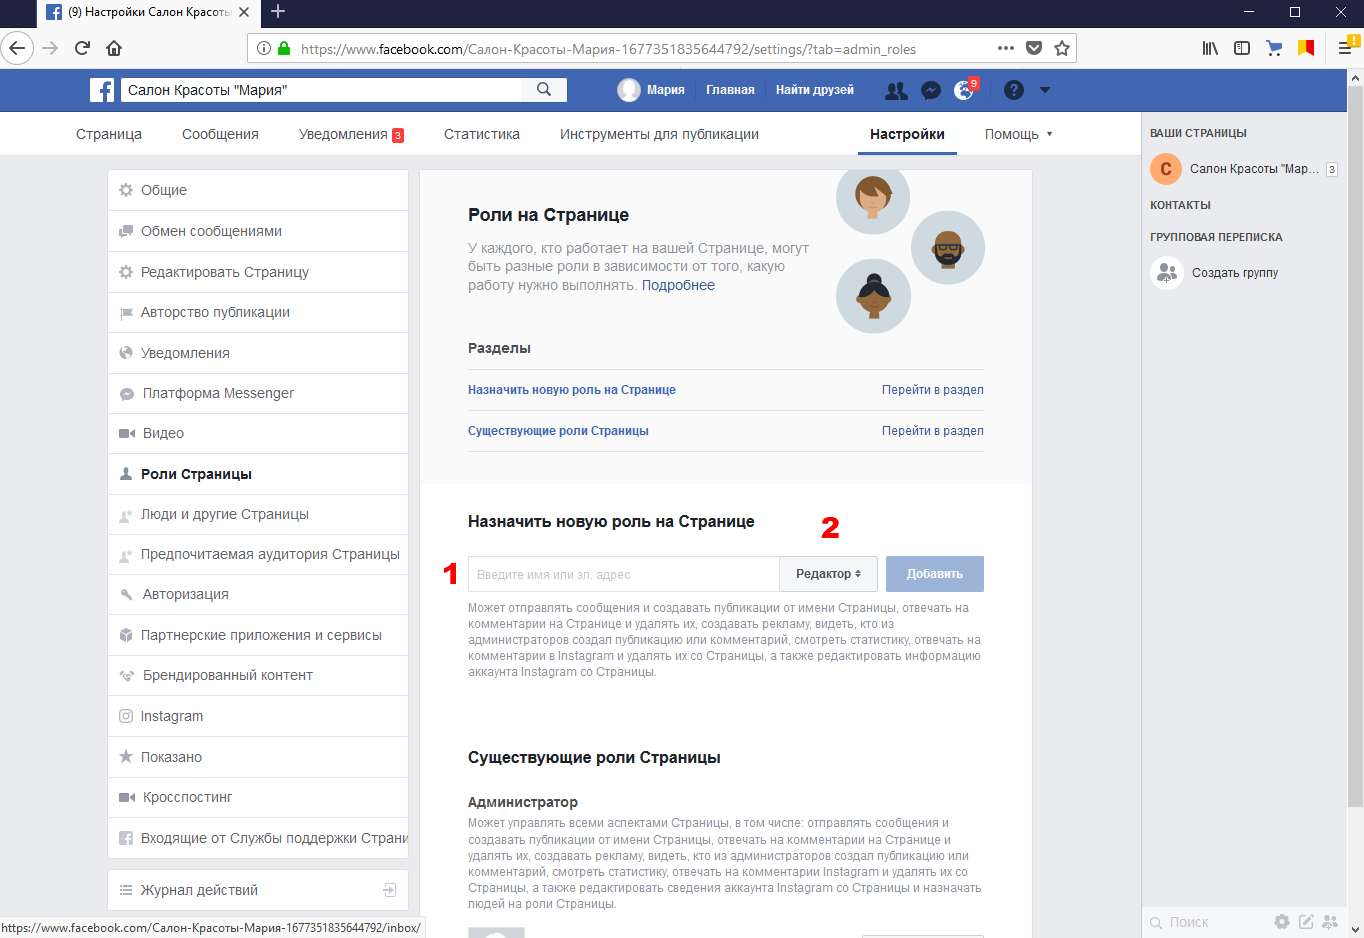 Как добавить администратора в группу в Фейсбук